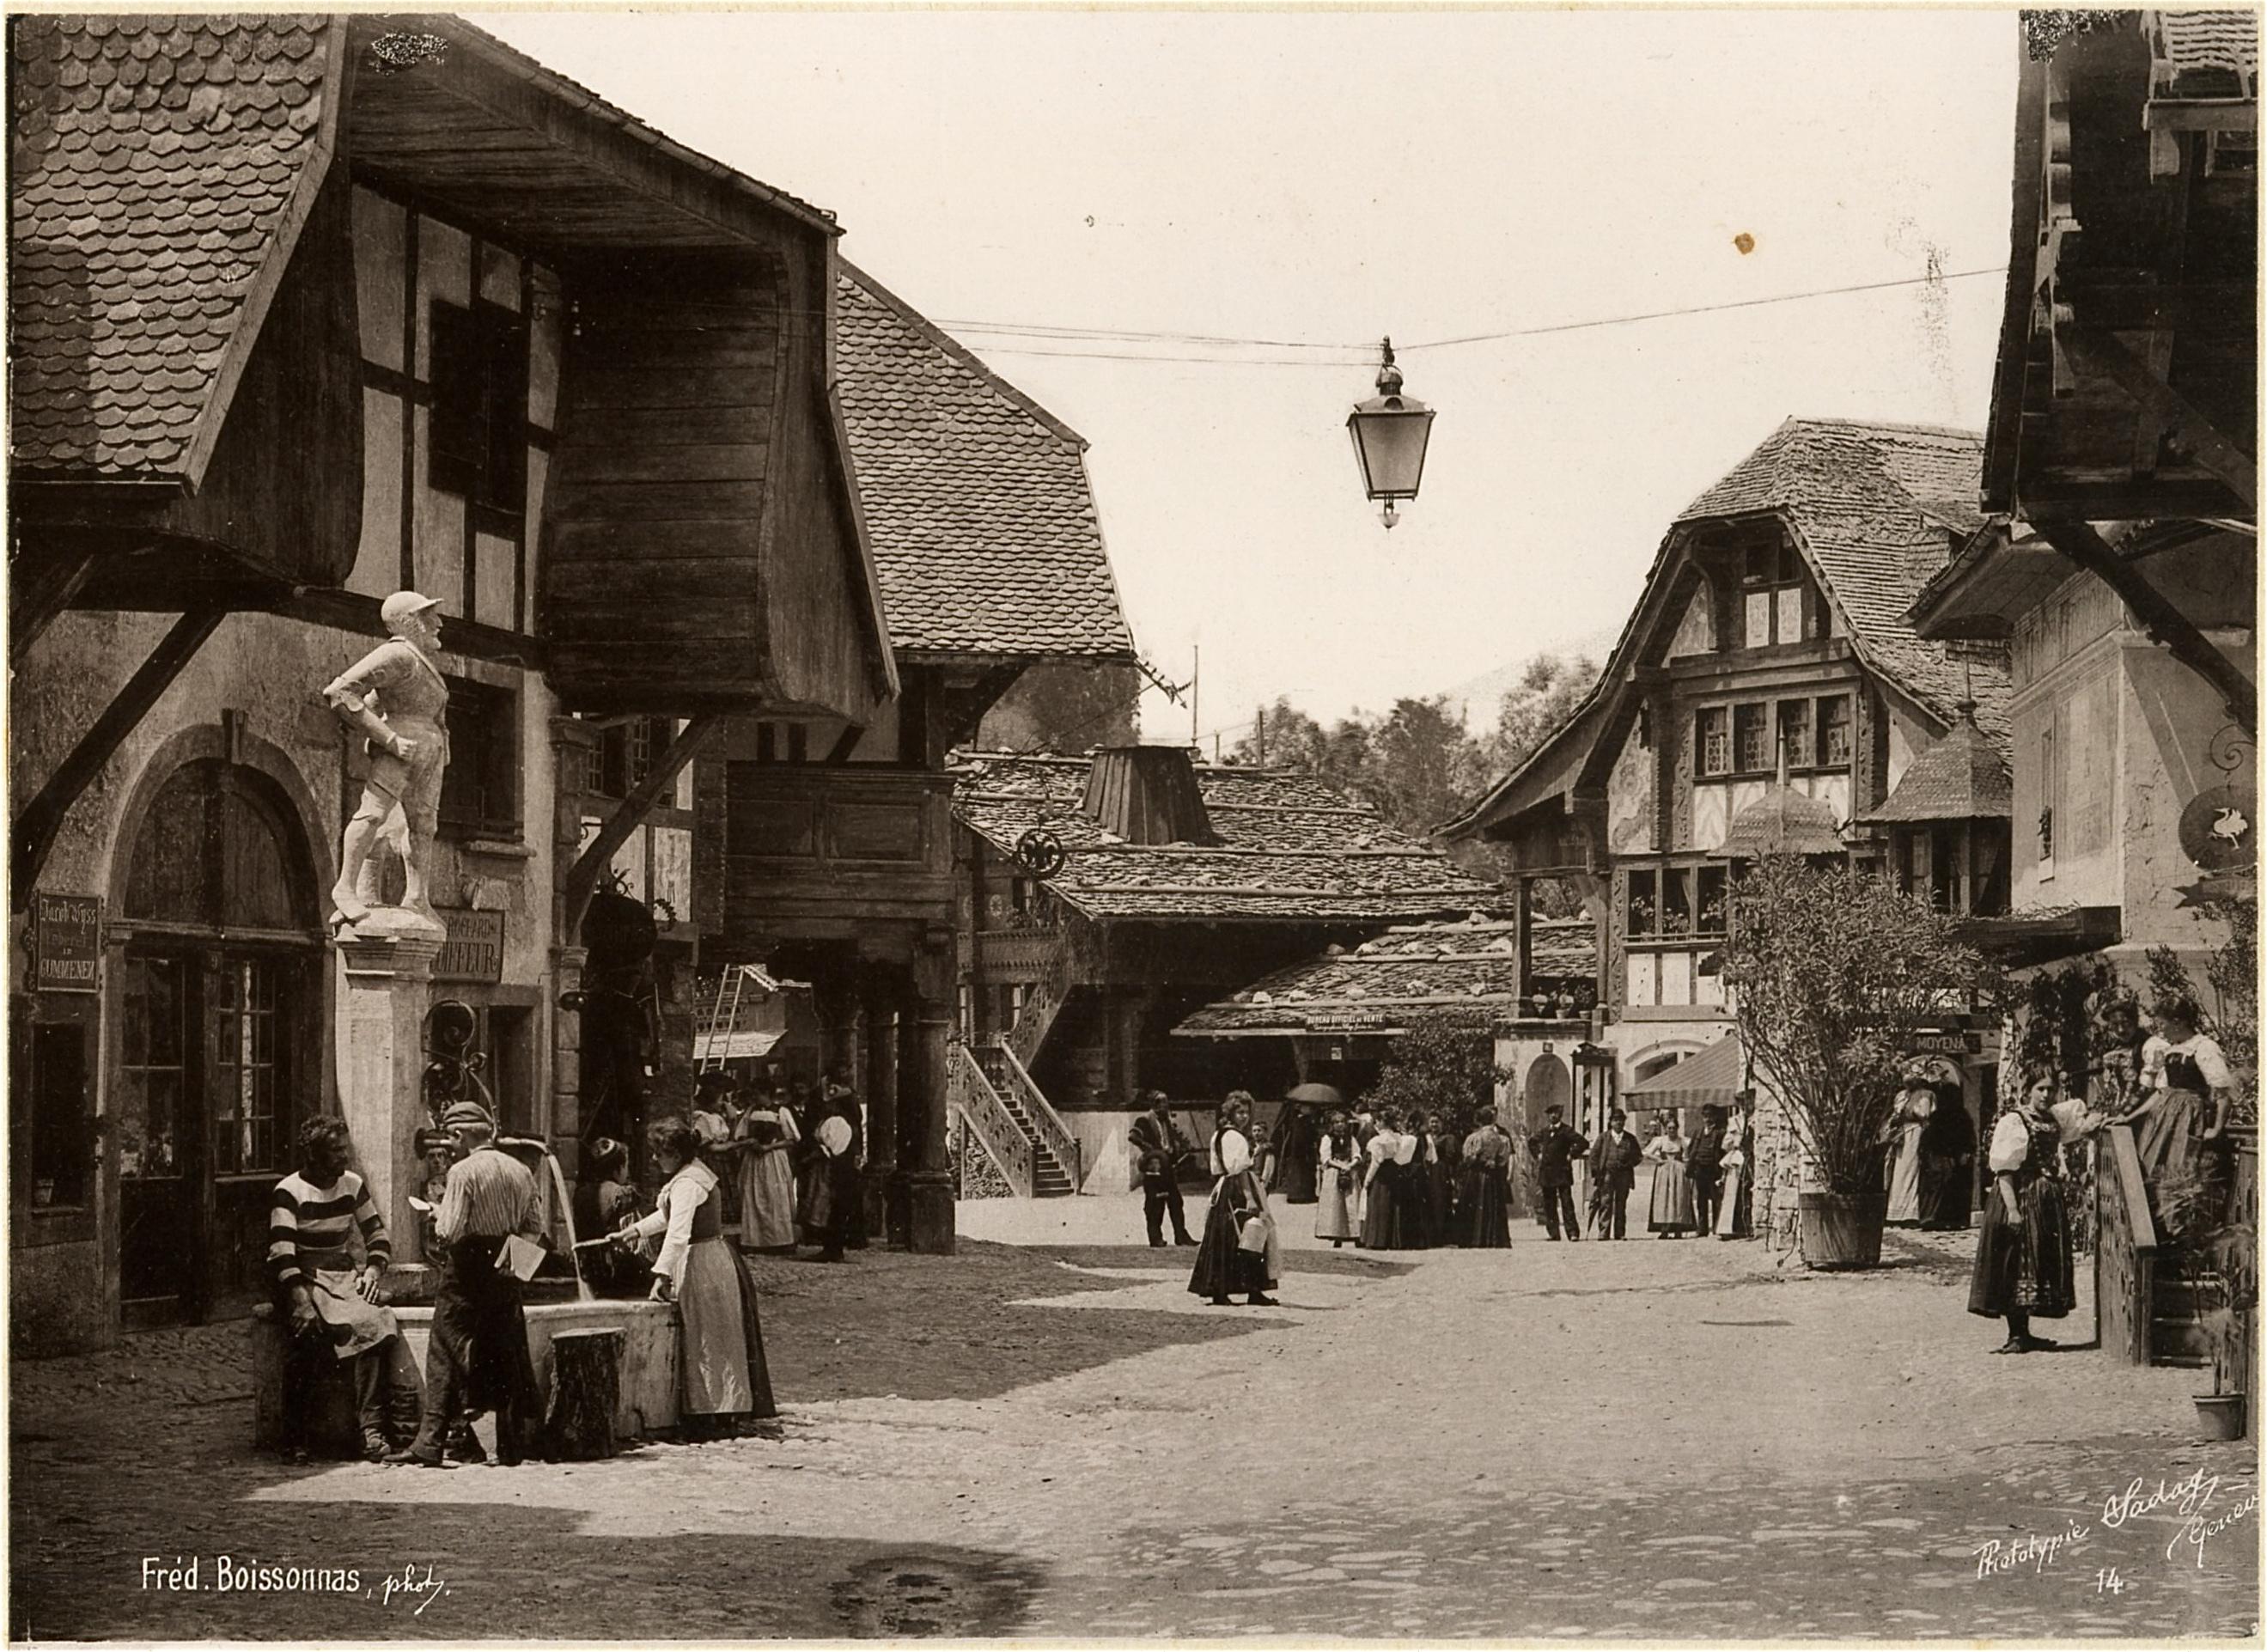 Le village suisse, une rue